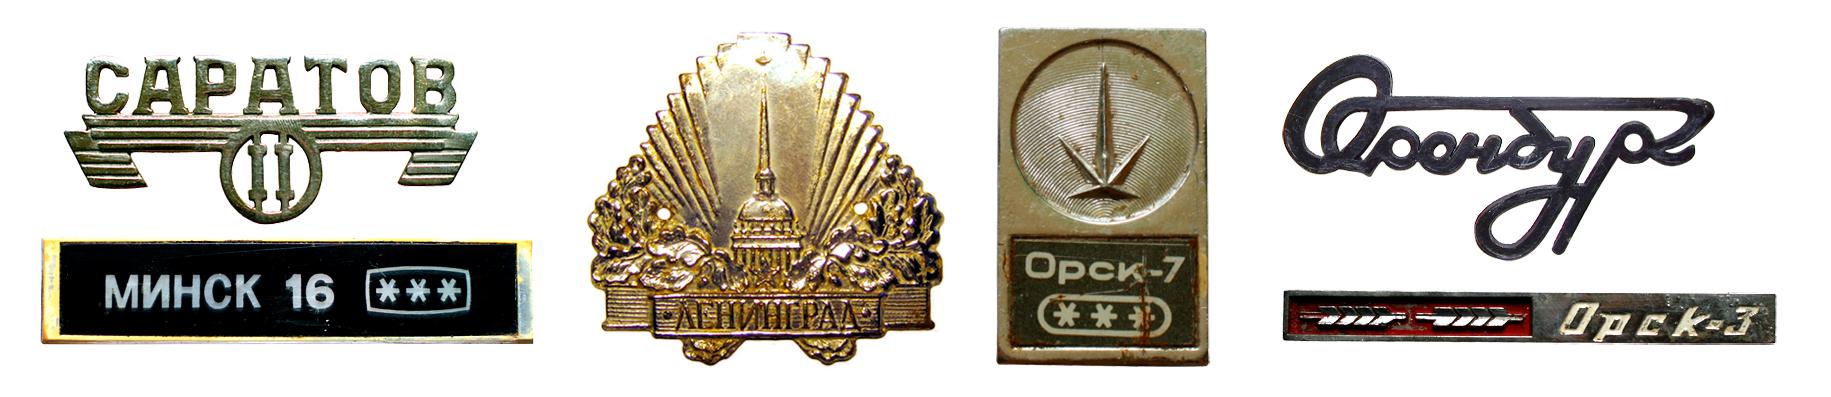 Советские холодильники, названные по имени города